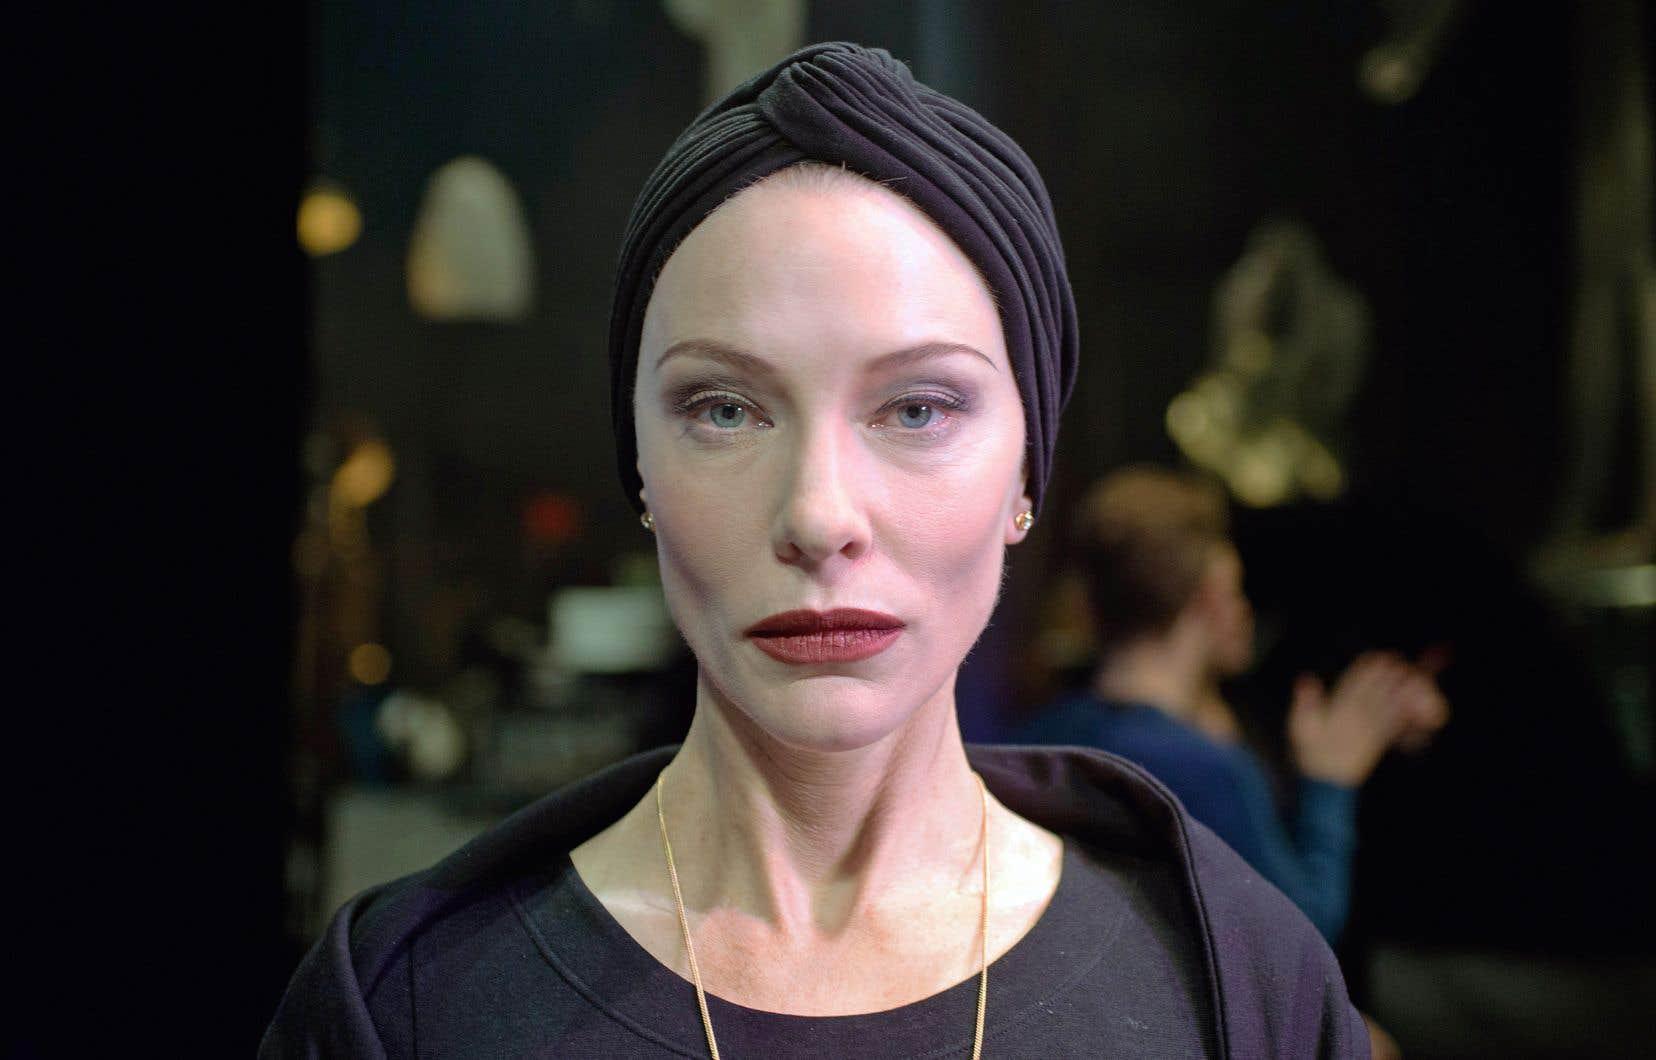 Dadaïsme, surréalisme, situationnisme, pop art, constructivisme, tous trouvent vie ici, dans la bouche de l'actrice Cate Blanchett, qui s'est métamorphosée pour l'occasion en itinérante, en travailleur de la construction, en professeur, en mère de famille conservatrice, en chorégraphe ou en marionnettiste.